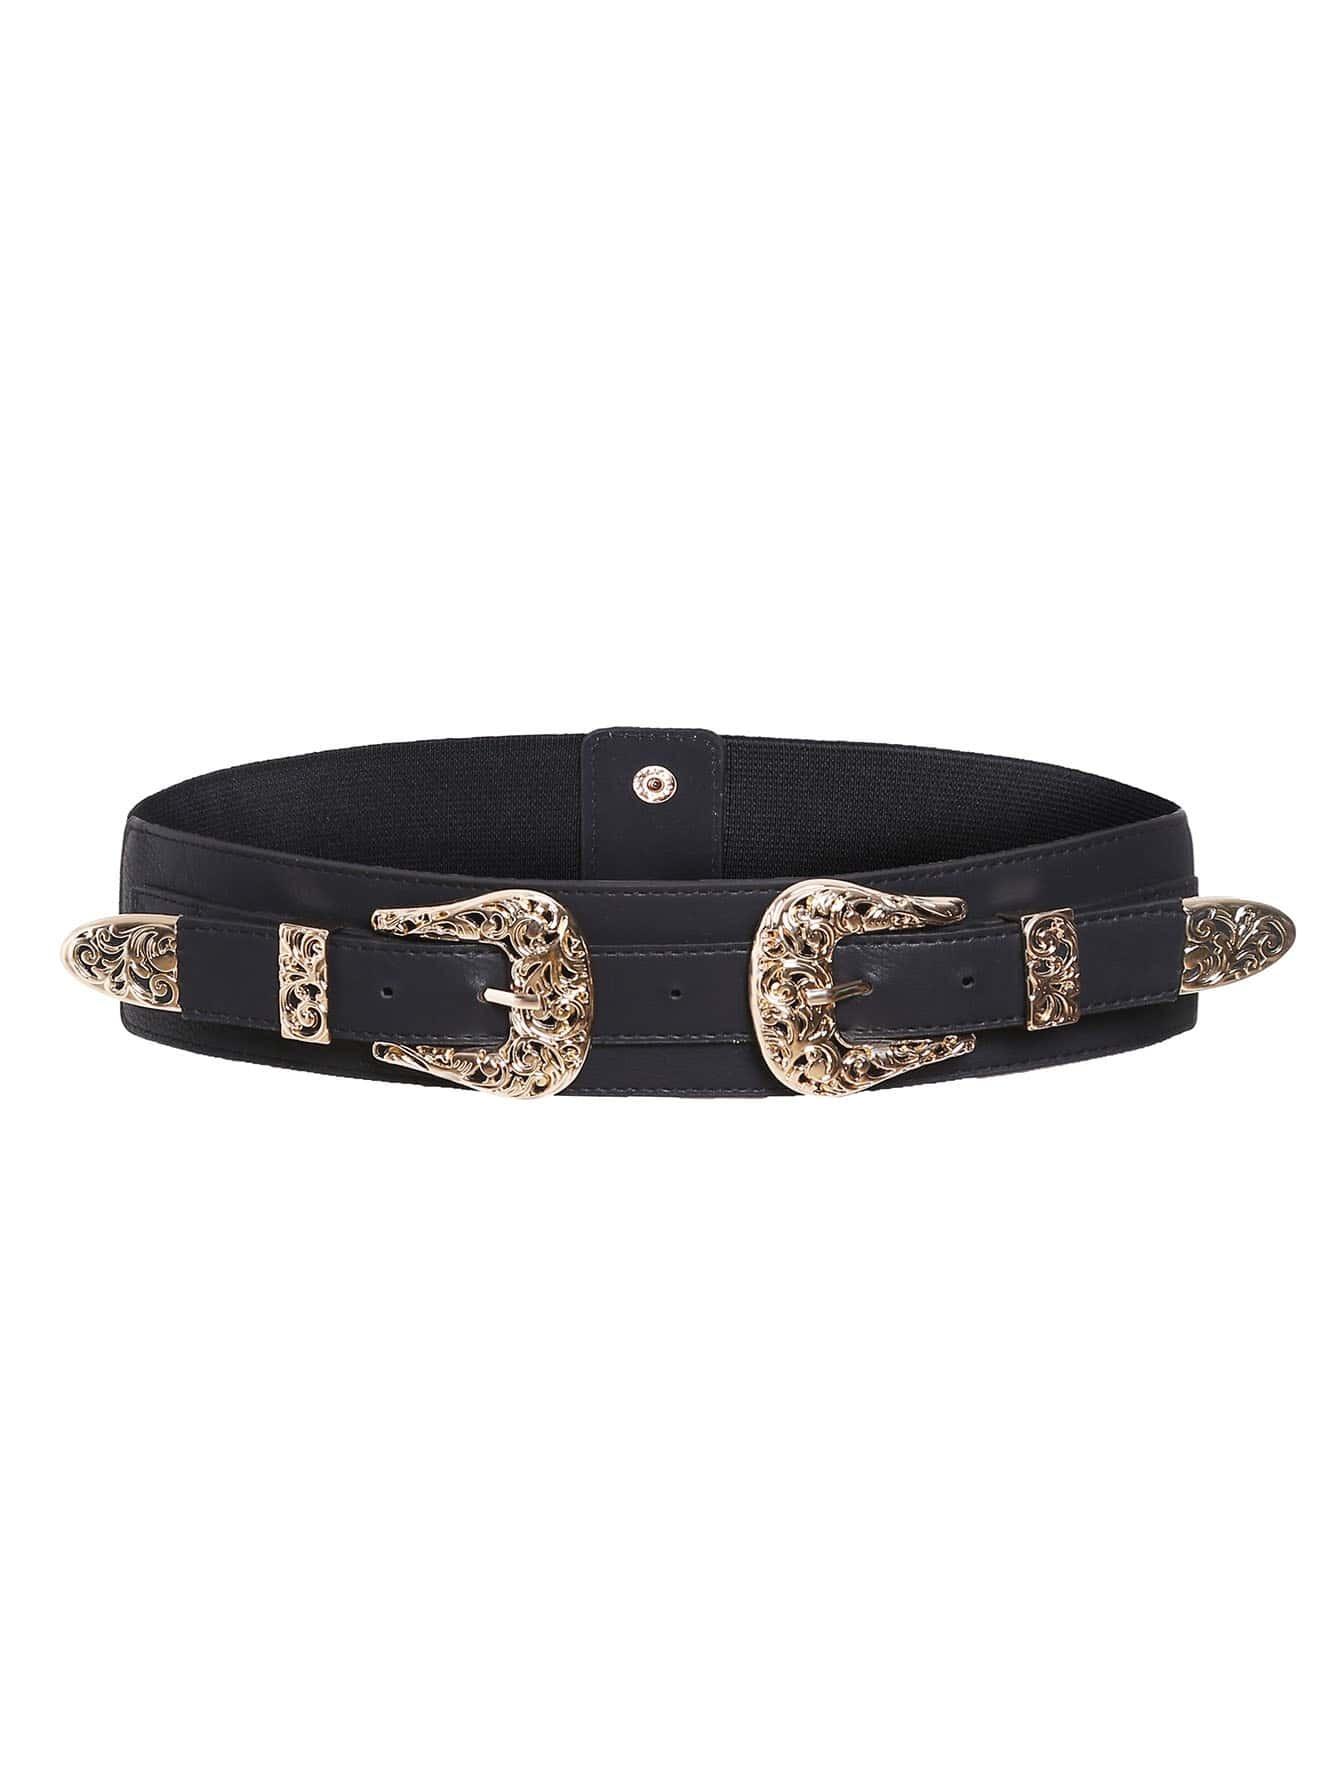 Gold Double Buckle Waist Belt